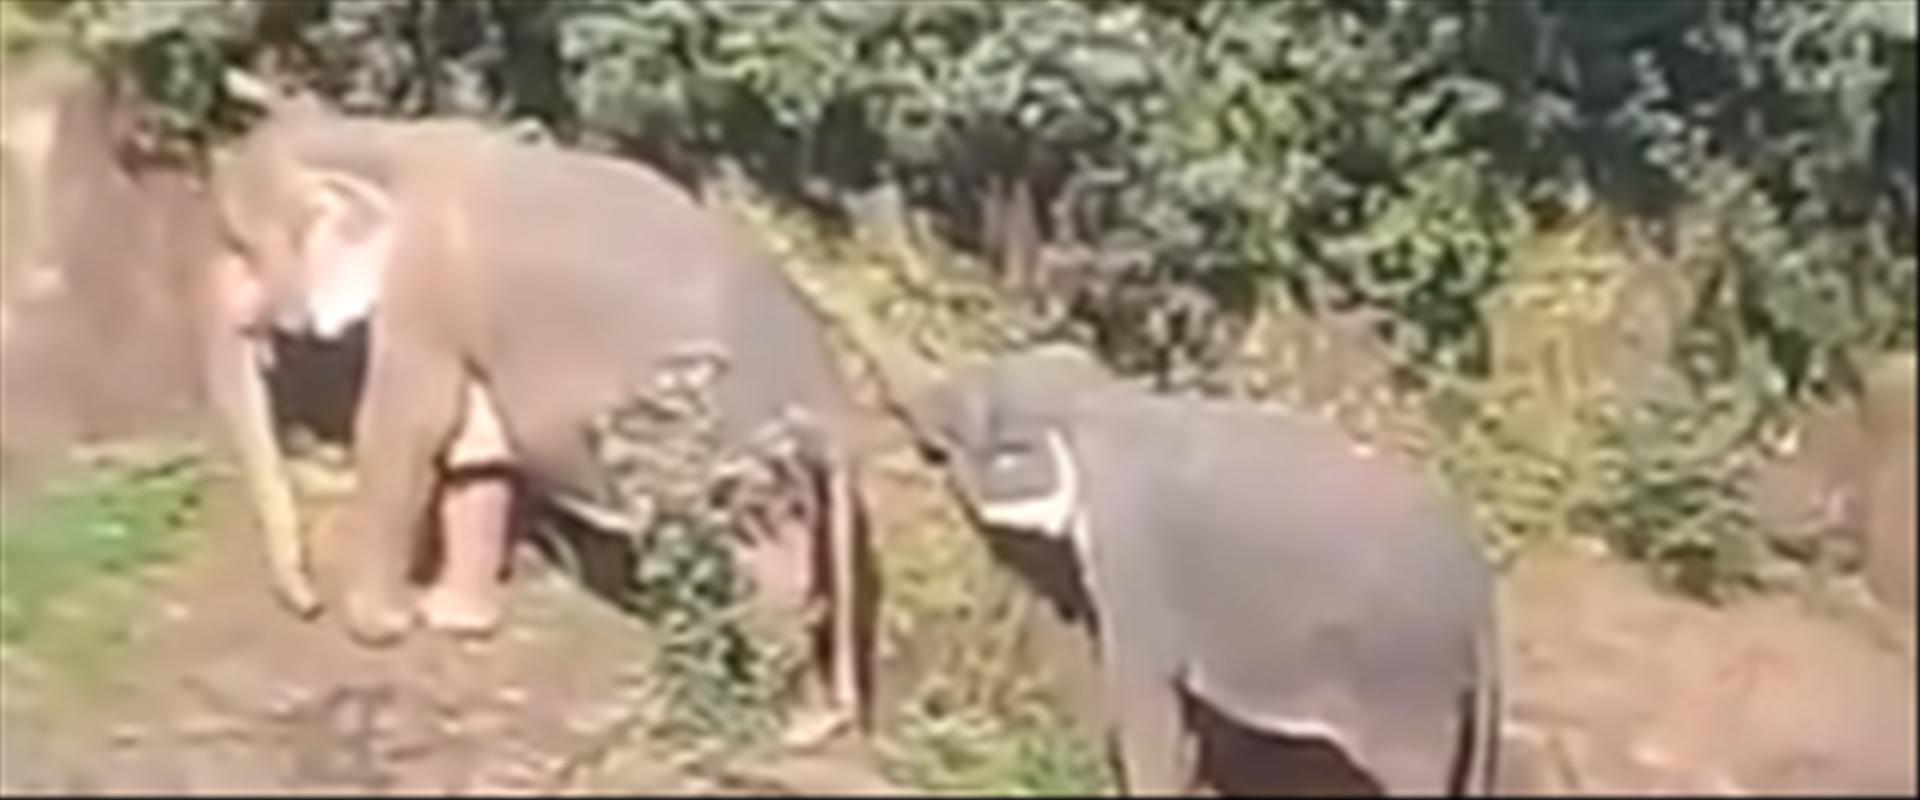 שניים מן הפילים בעת ניסיון ההצלה